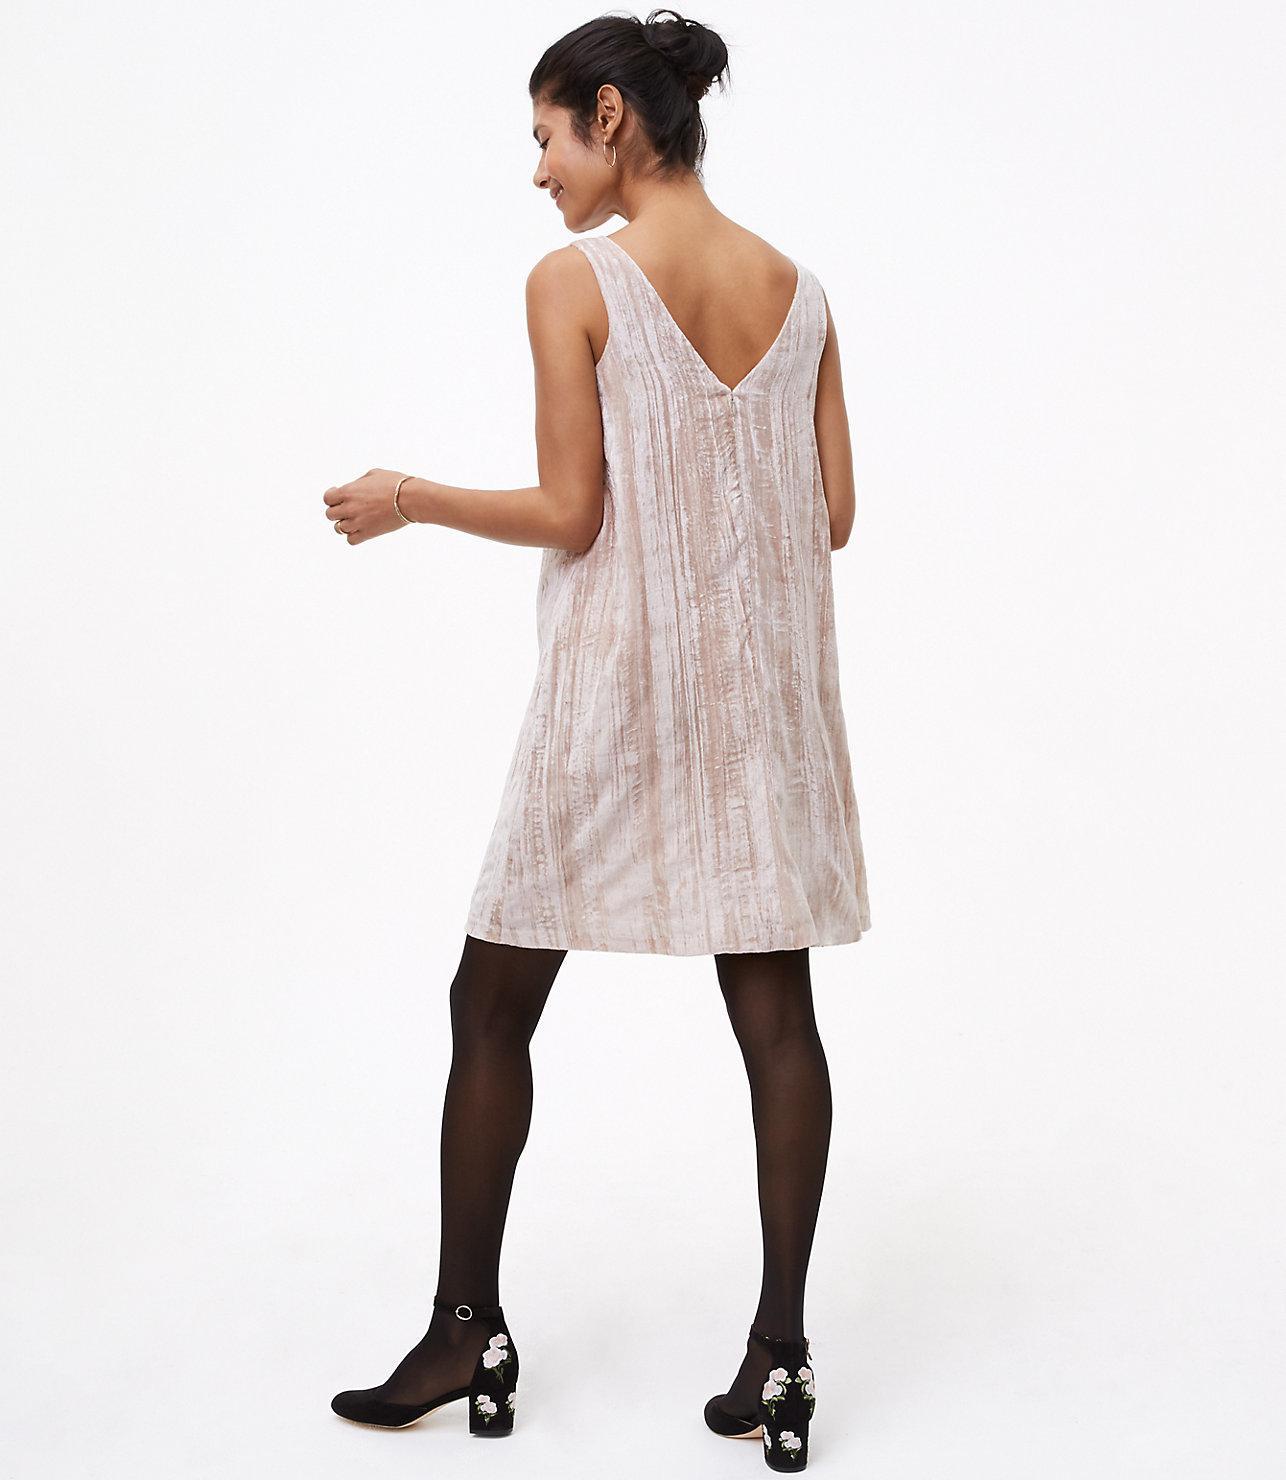 bf80e439de820 Gallery. Previously sold at: LOFT · Women's Swing Dresses Women's Velvet  Dresses